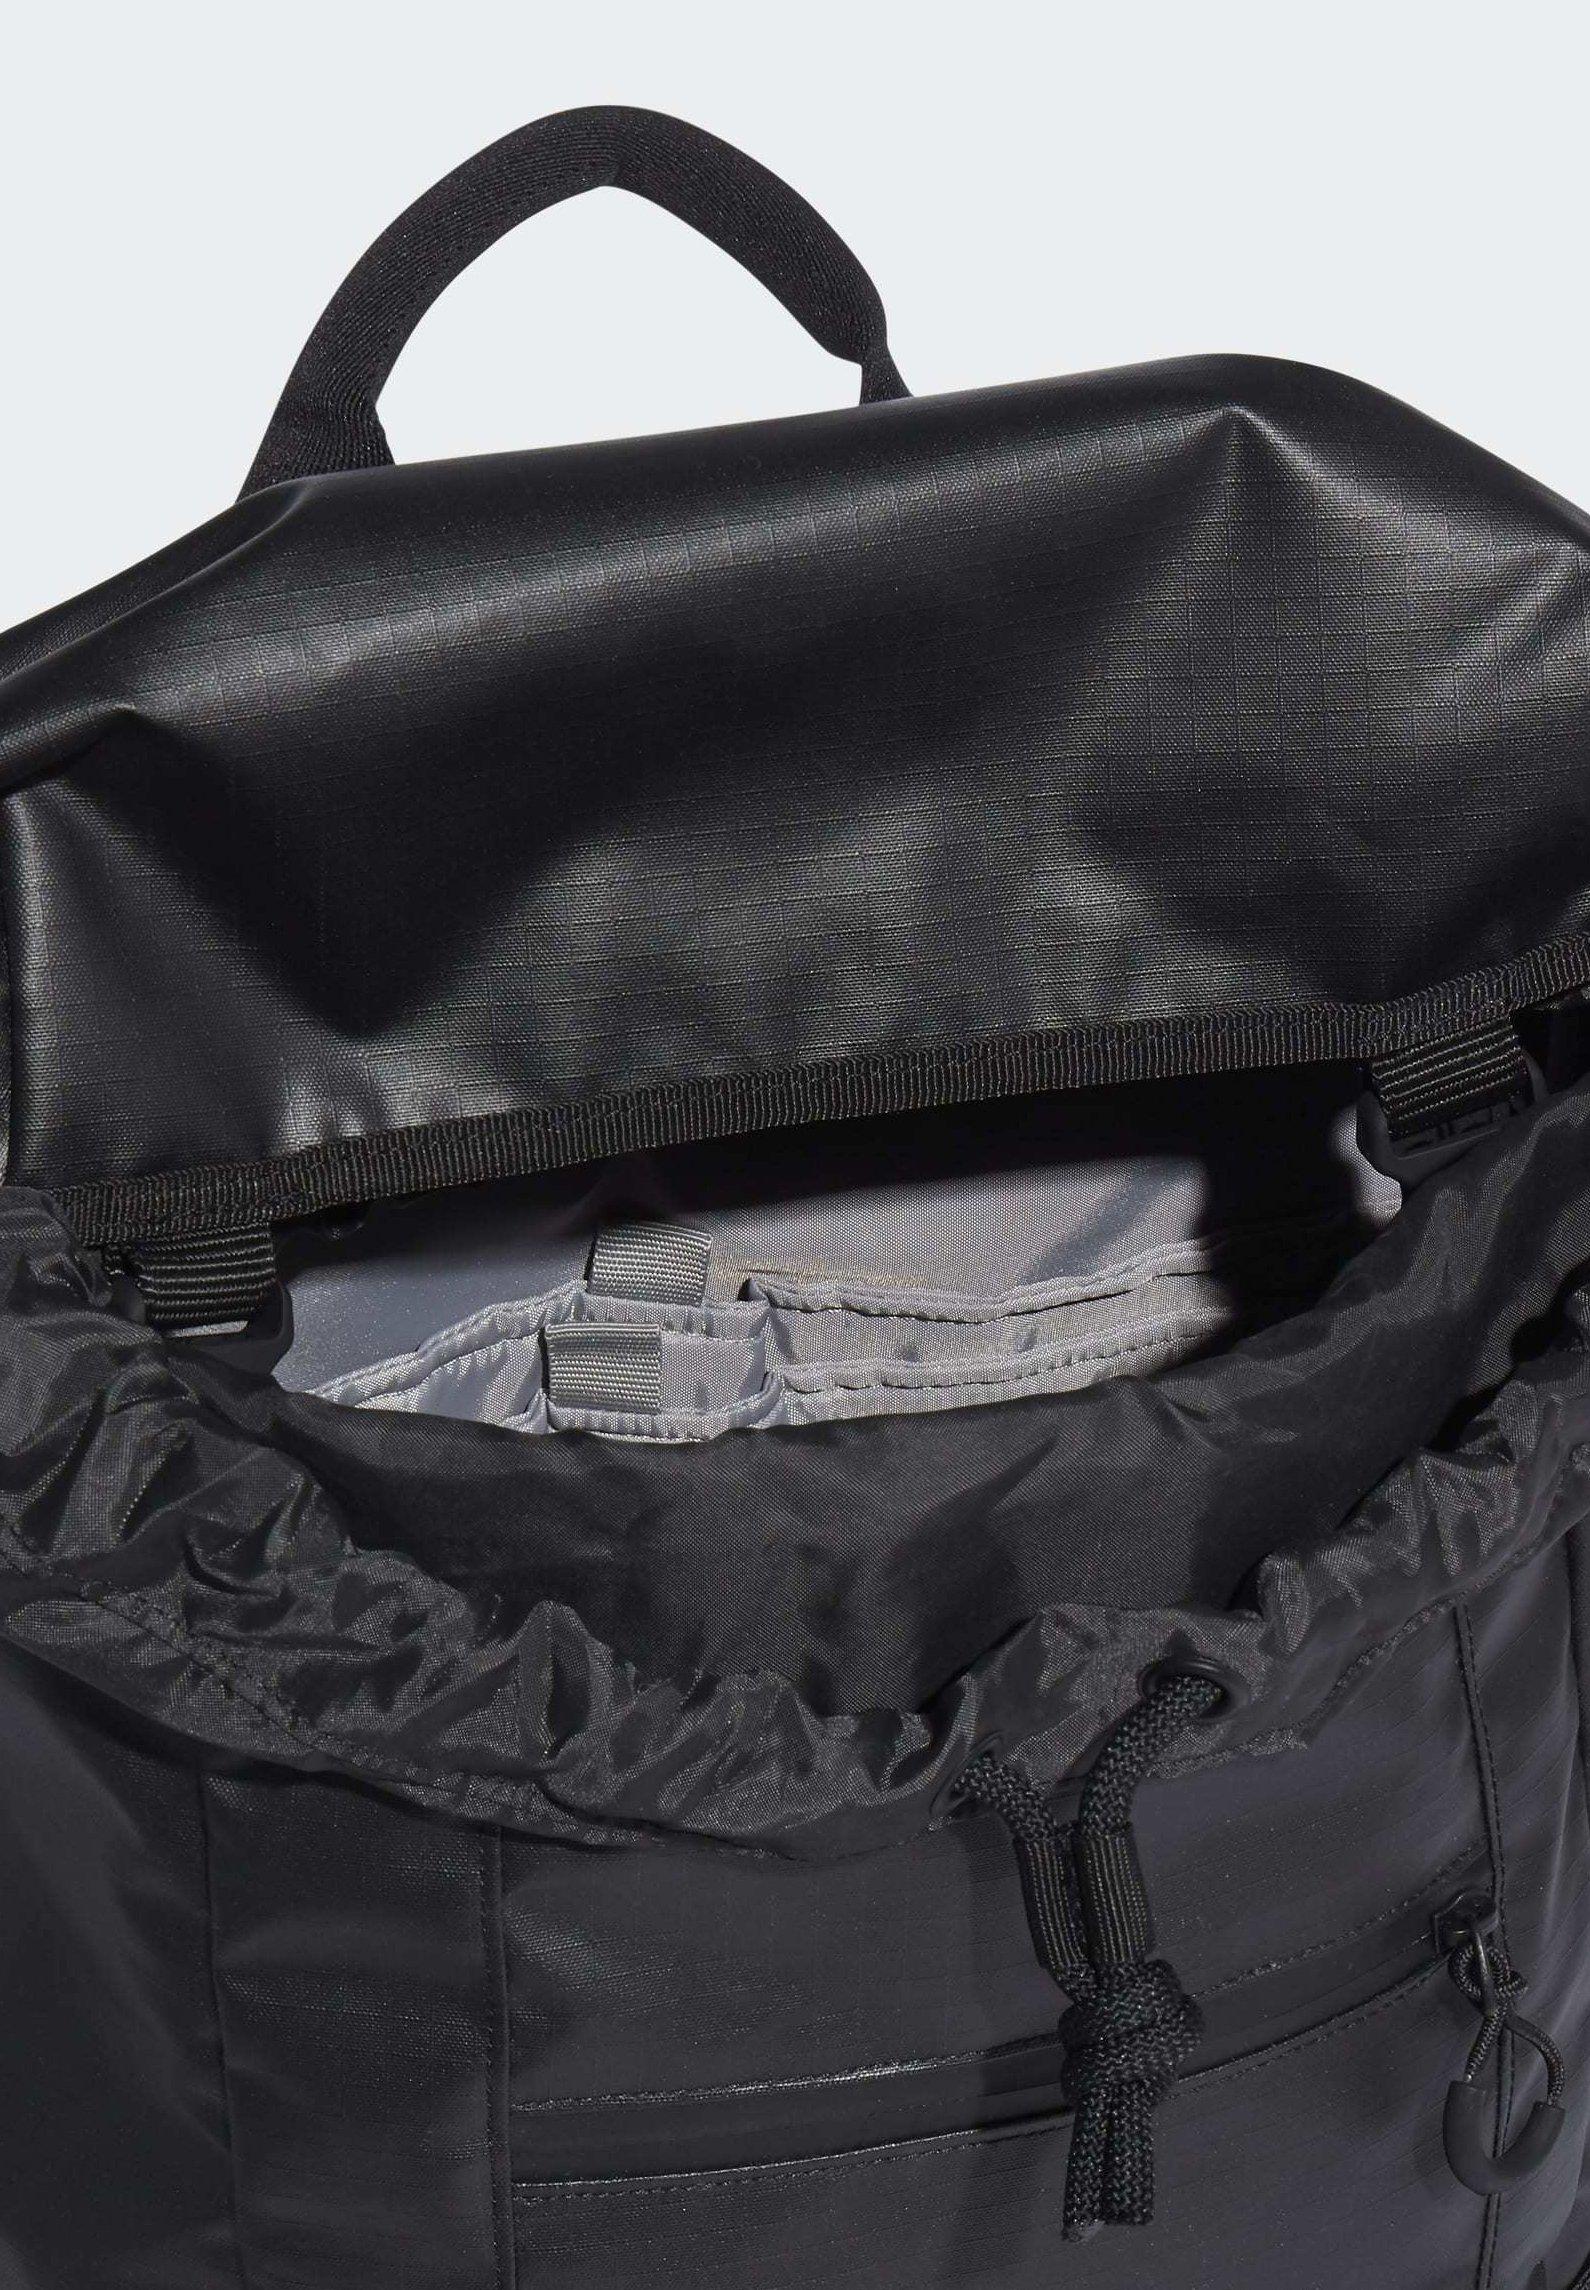 Adidas Originals Street Toploader Backpack - Sac À Dos Black